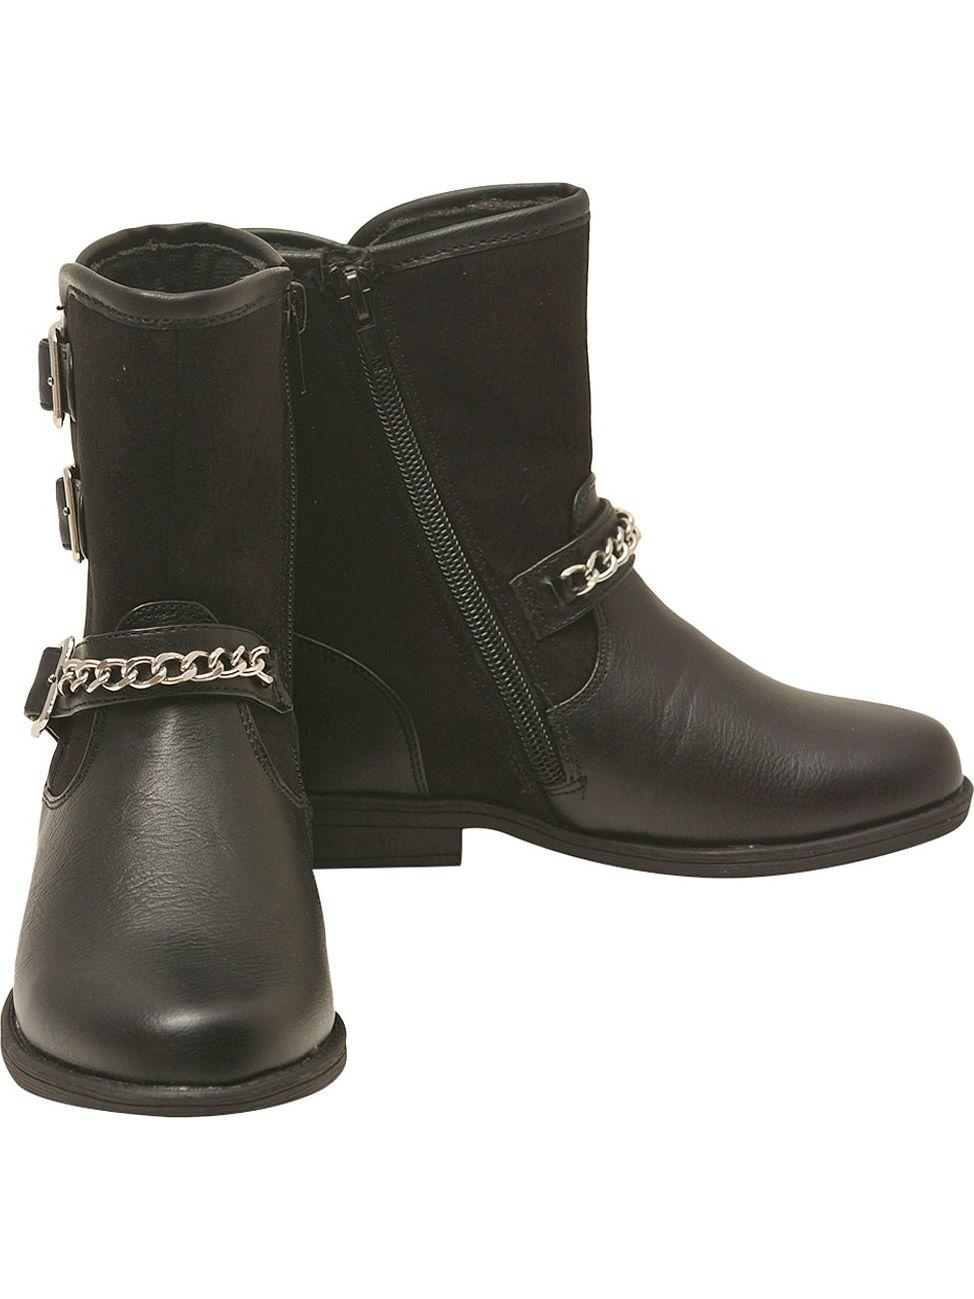 5cf1d0d56a92 Rachel Shoes - Rachel Shoes Girls Black Buckle Strap Chain Adorned Side Zip  Boots - Walmart.com